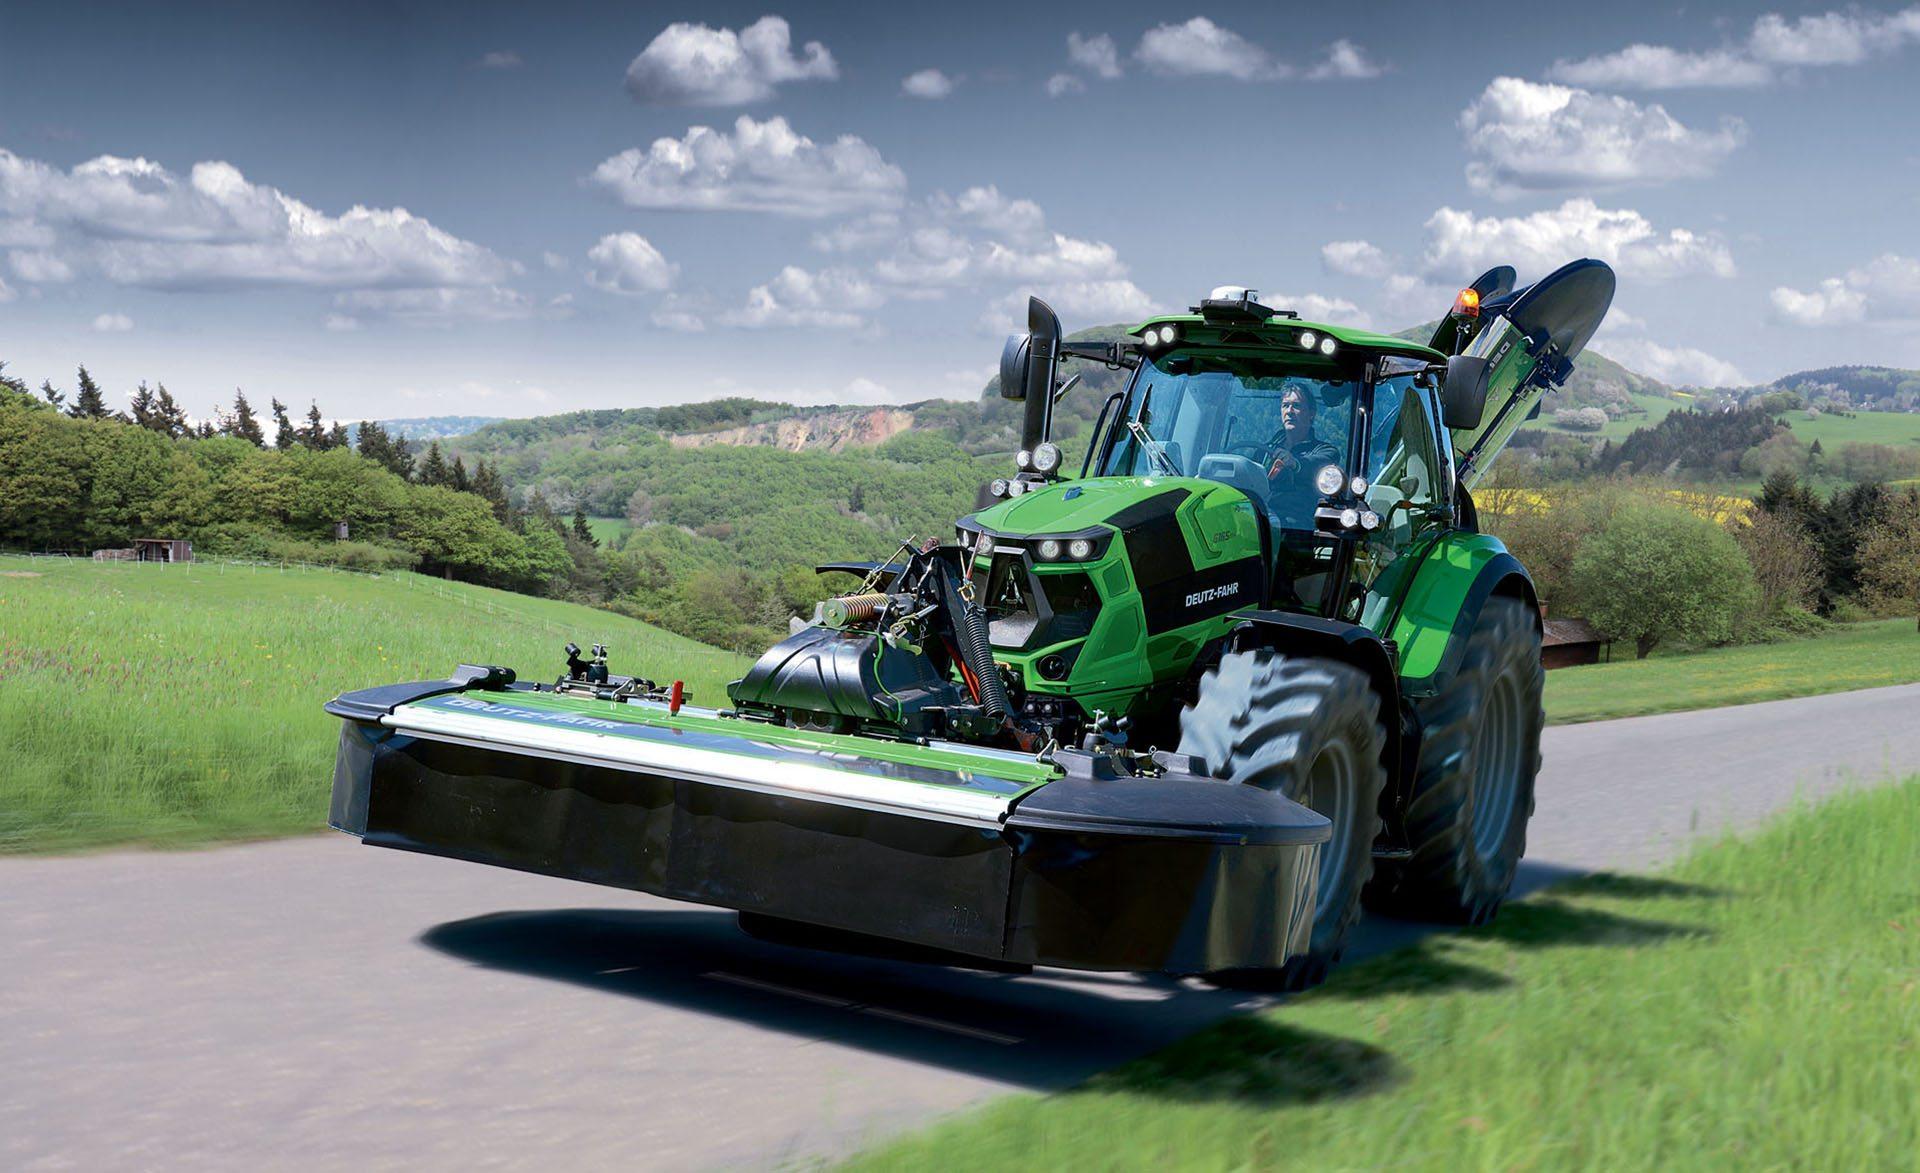 Traktor 6165 TTV Tier 4 Final mit Mähwerk auf einer Straße